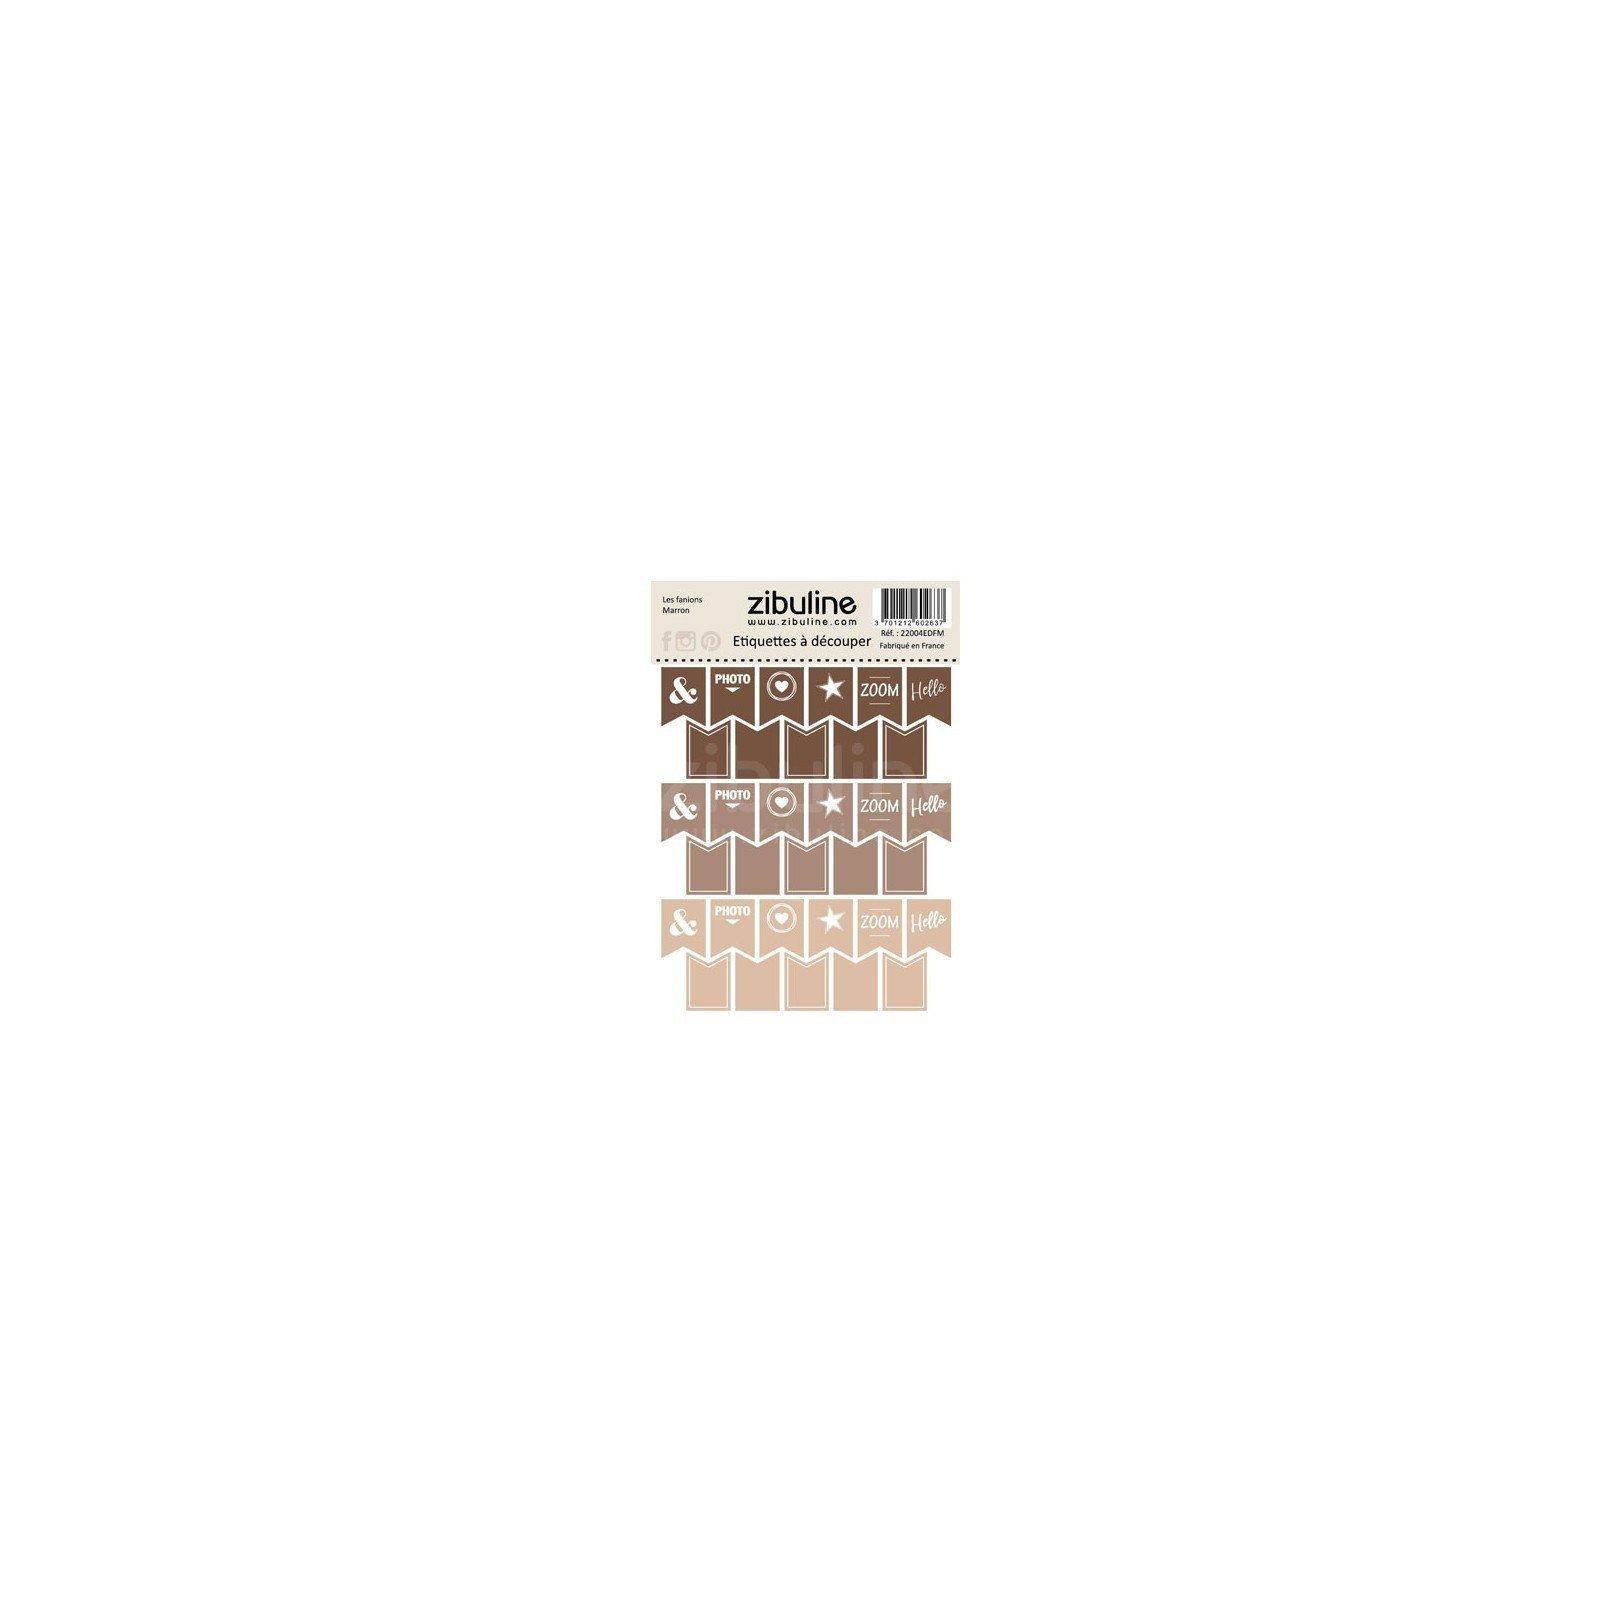 Planche d'étiquettes à découper - Les fanions - Marron - Zibuline